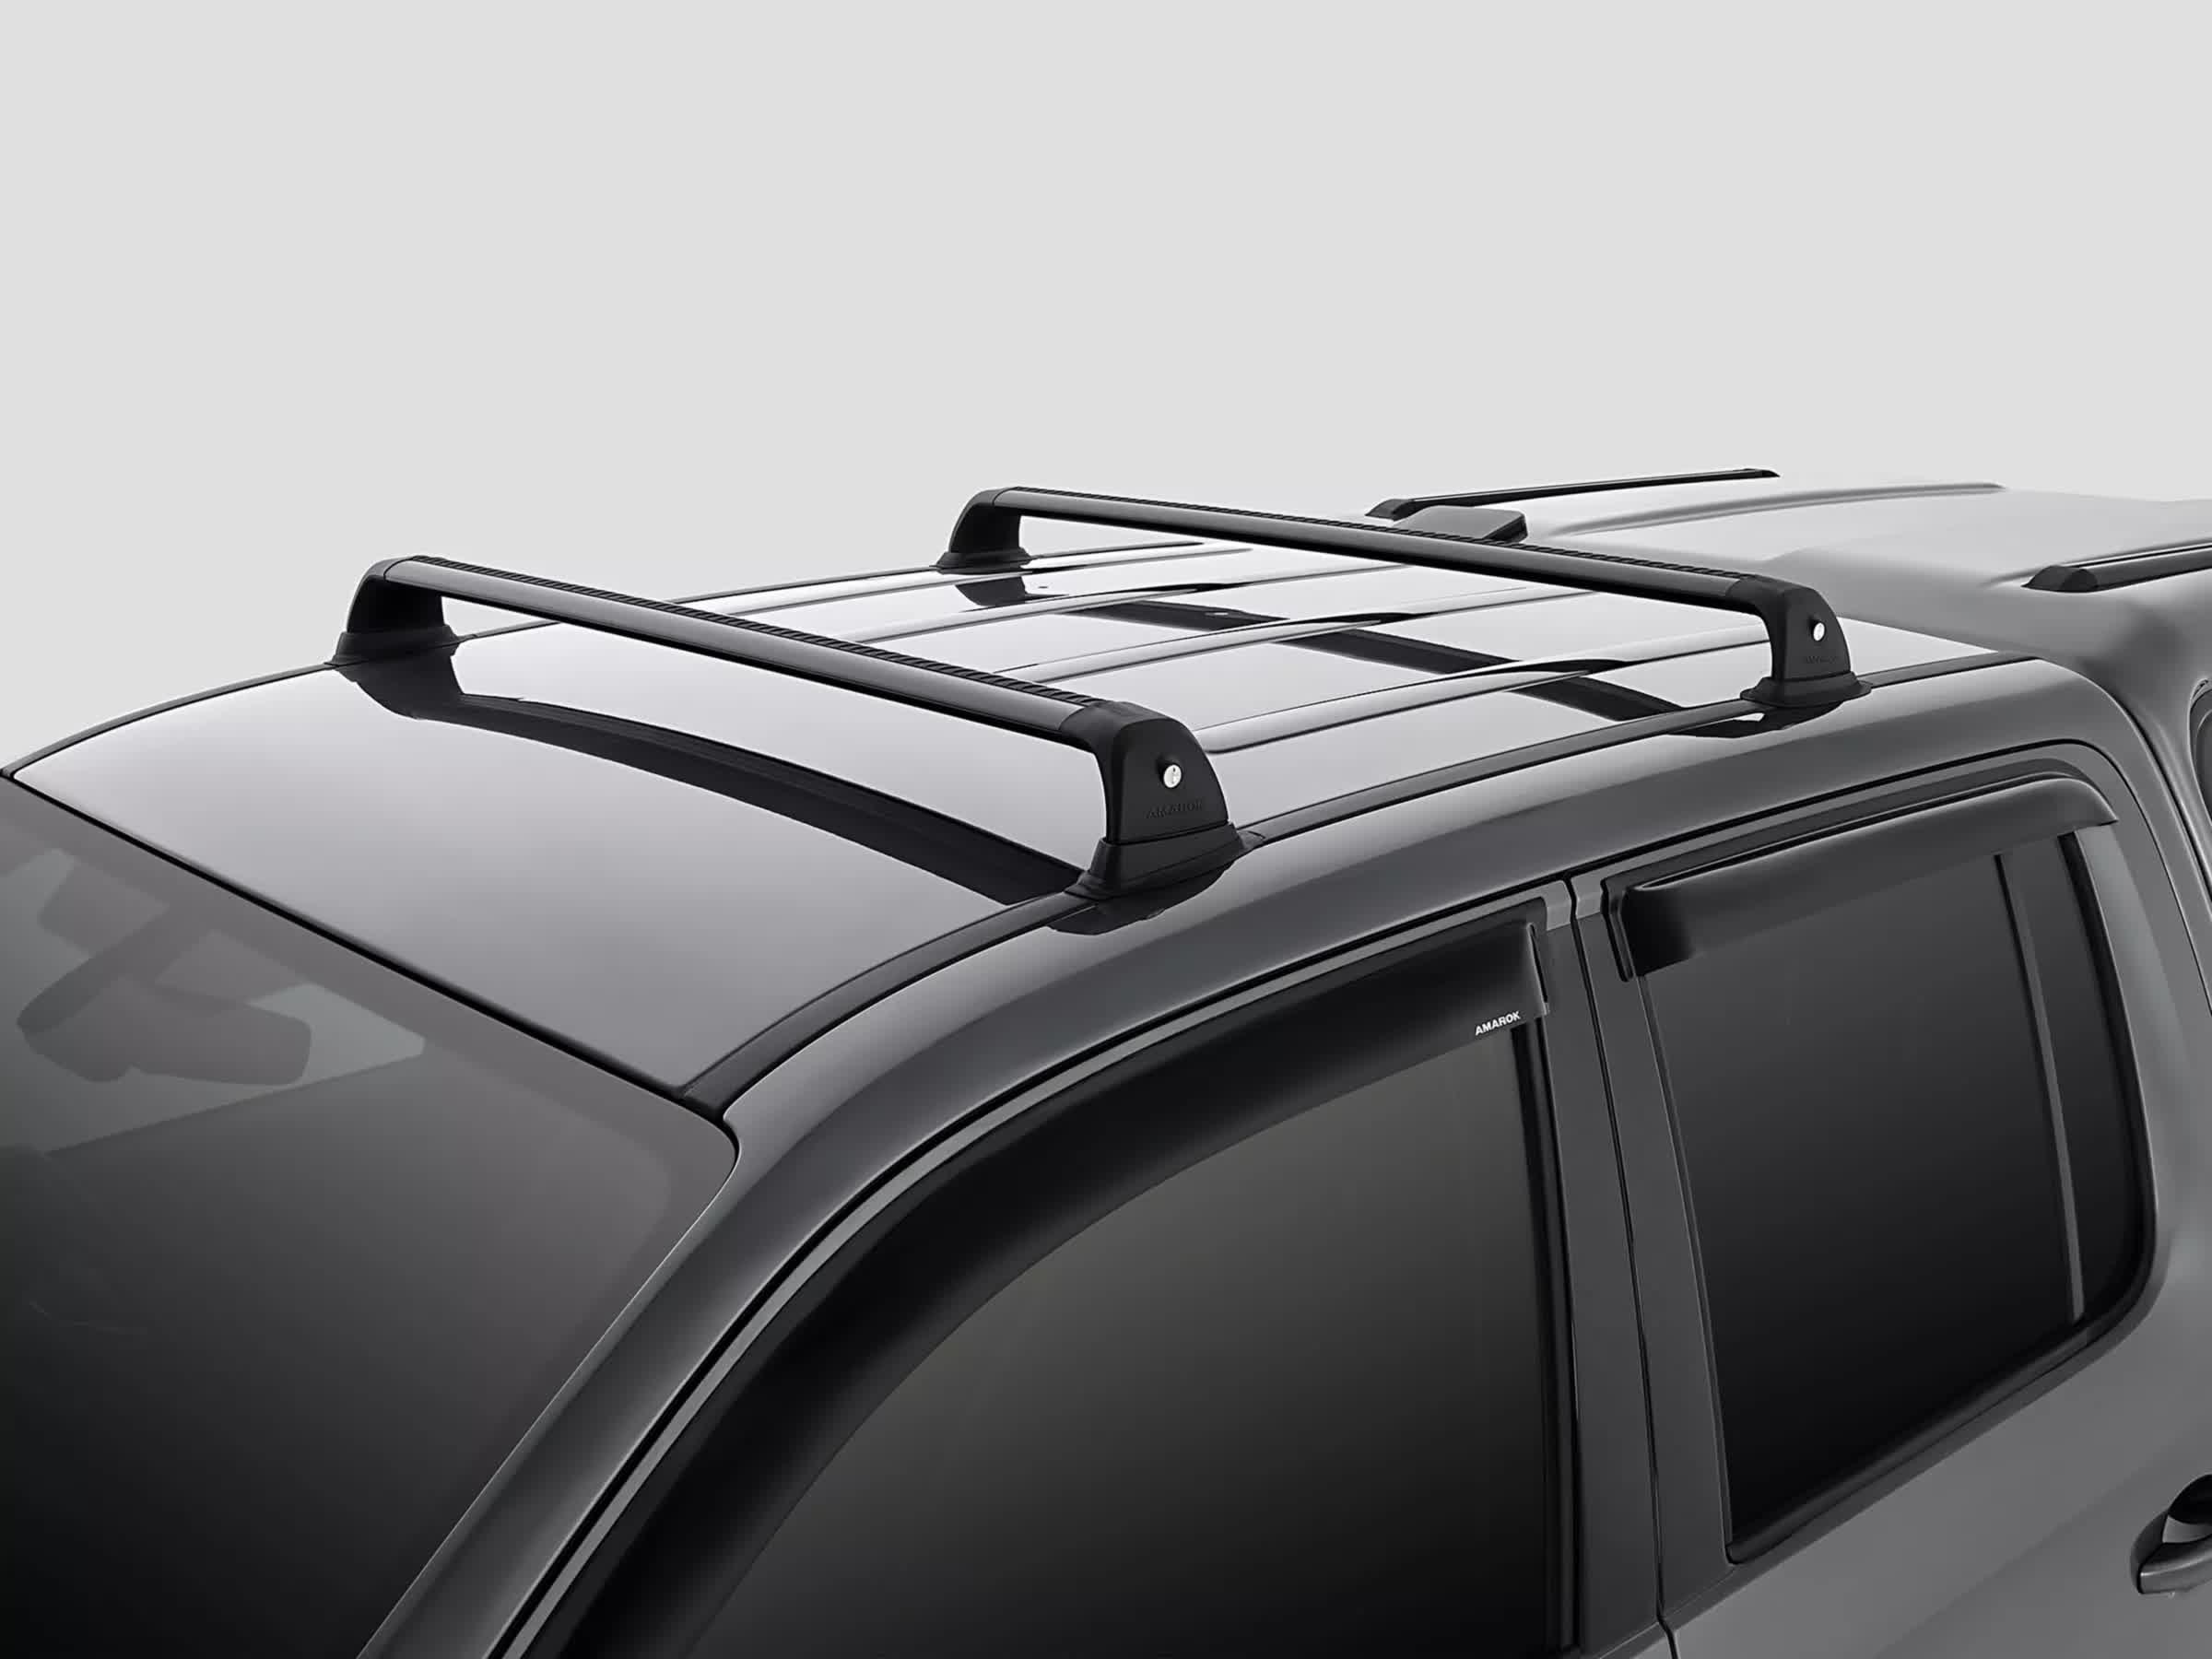 Roof racks, flush mount